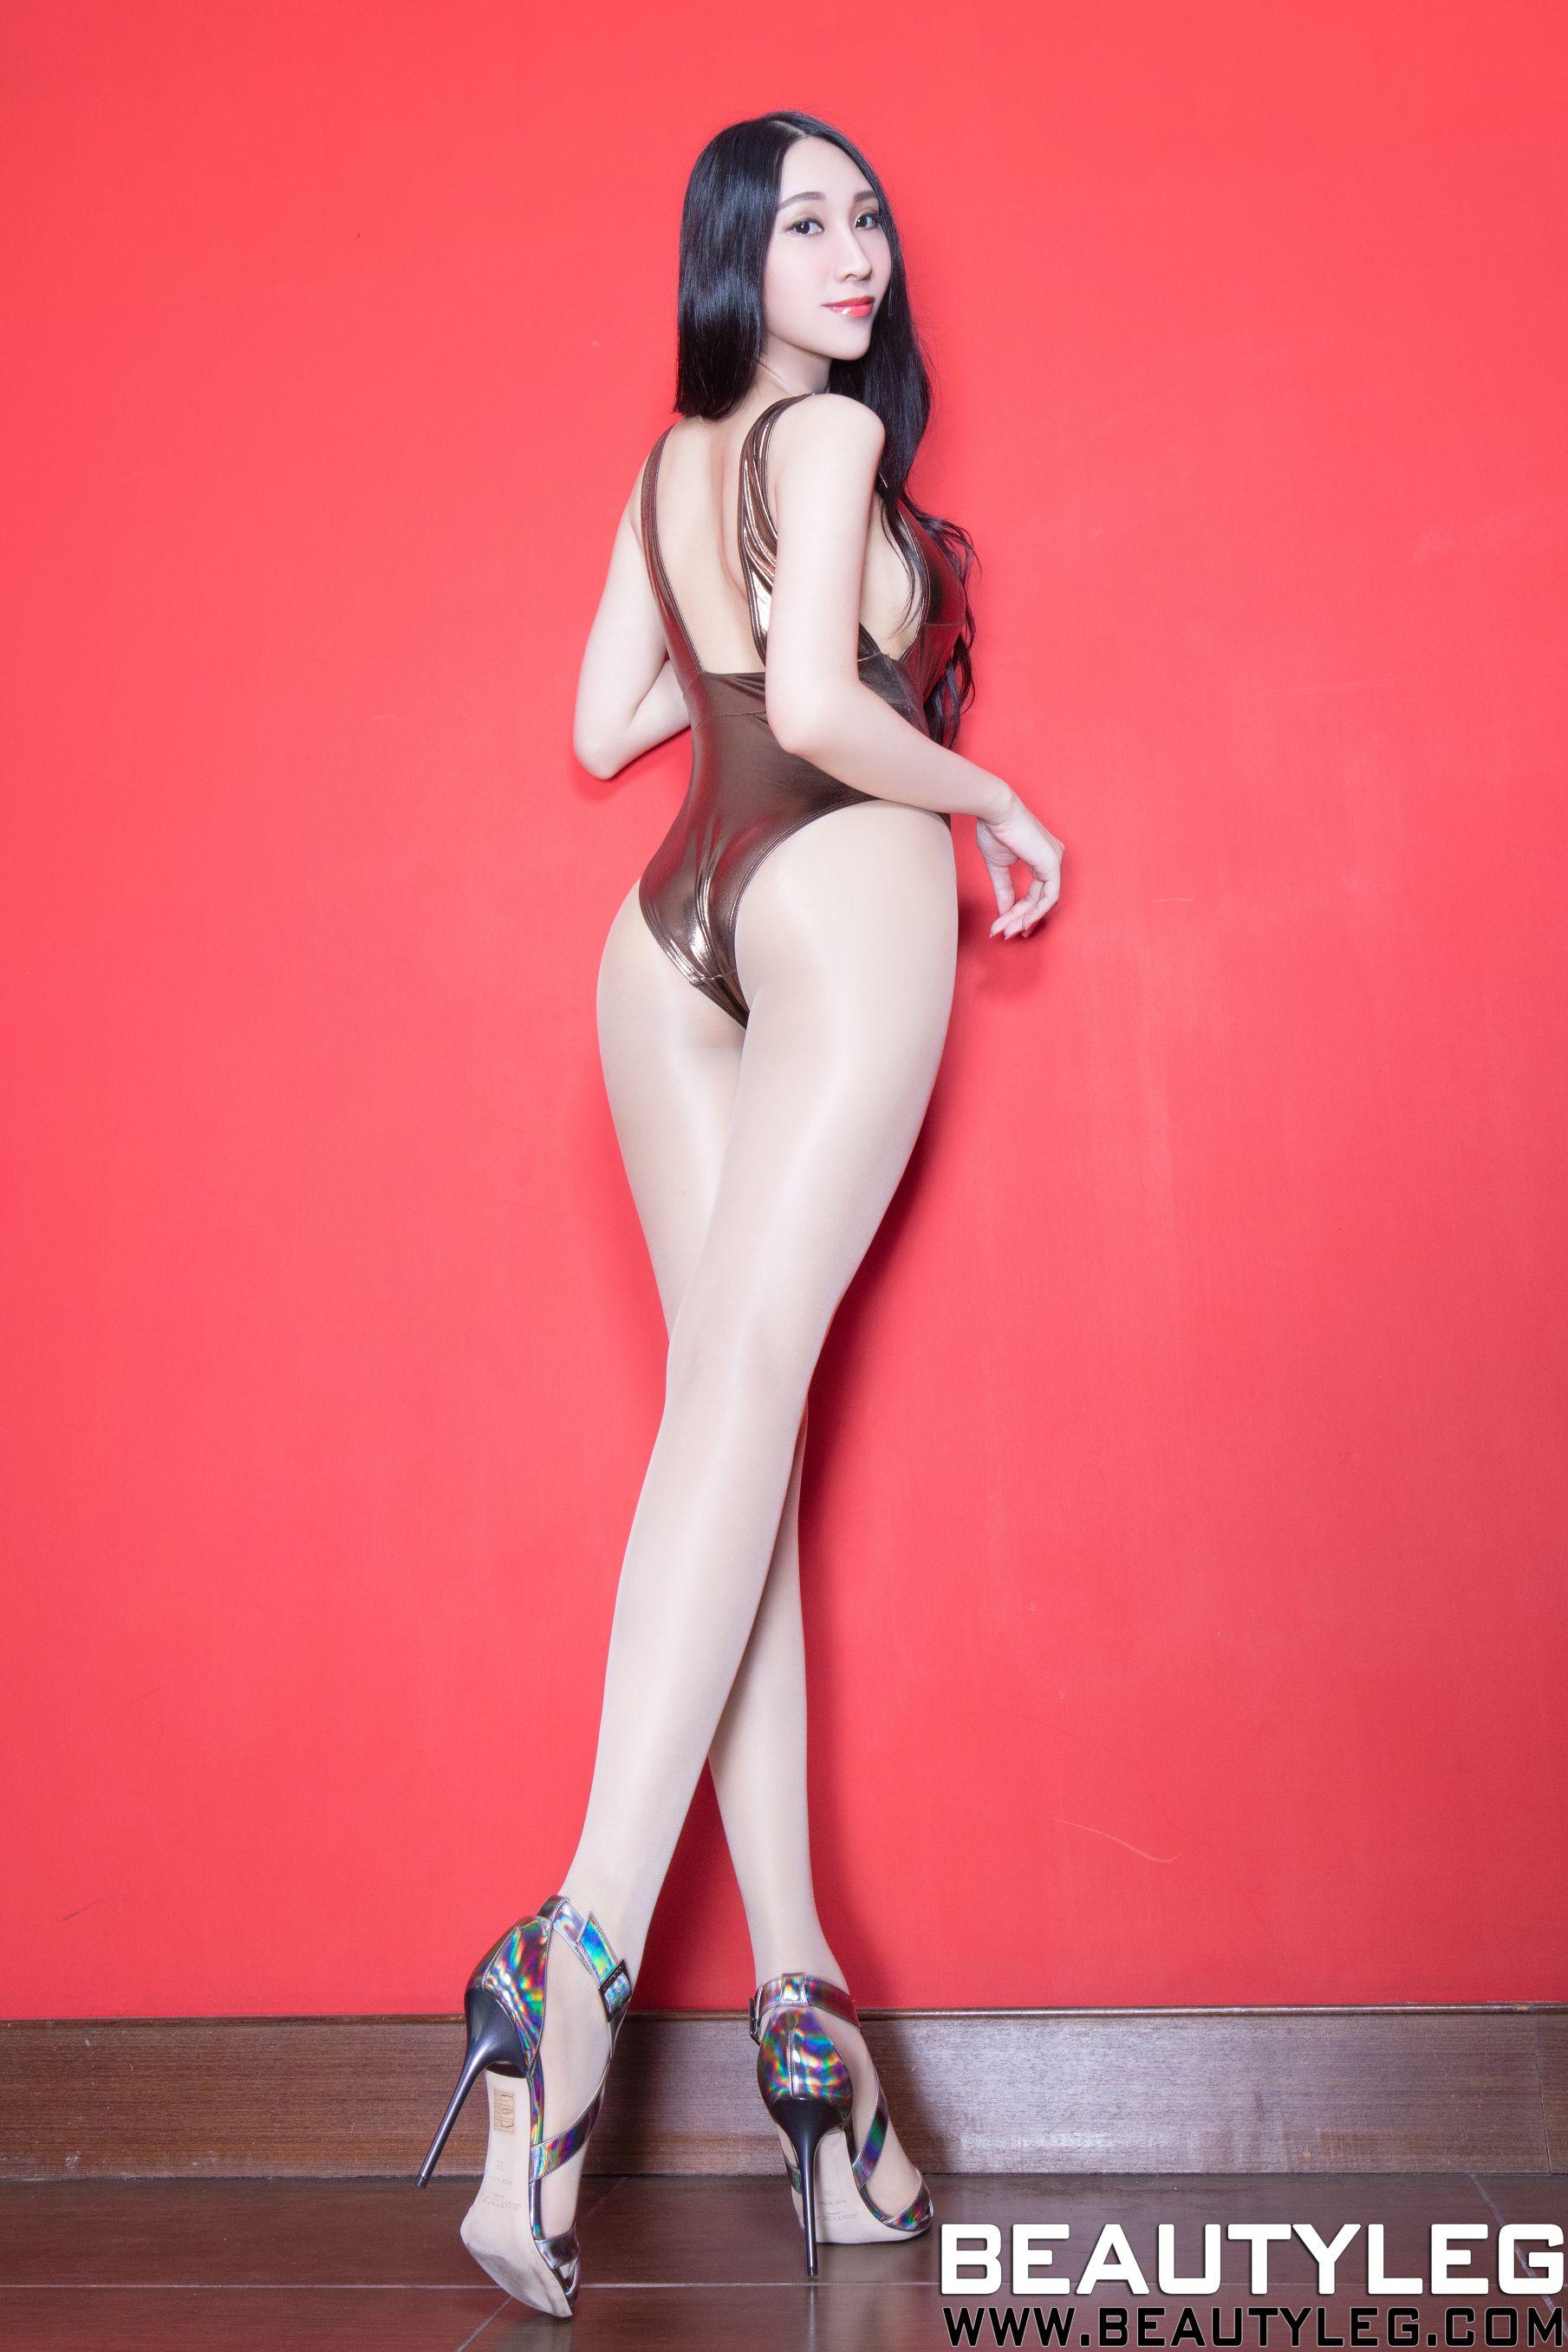 VOL.1188 [Beautyleg]高叉泳装高跟情趣皮衣美女长腿美女:吴美希(腿模Miki)高品质写真套图(50P)